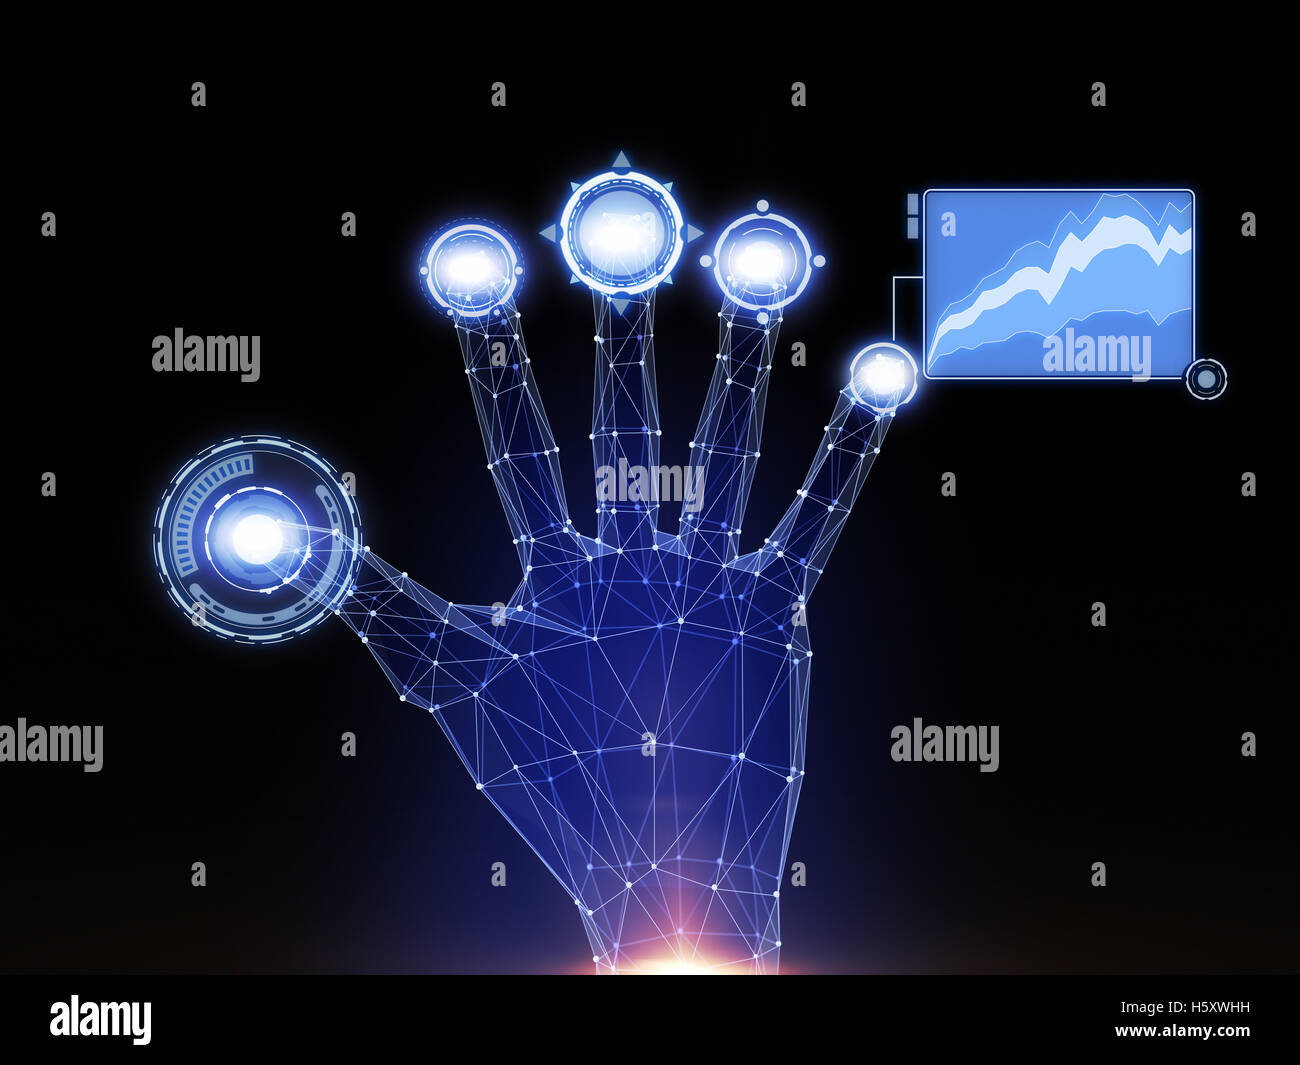 Digitalen Hand berührt Sci-Fi-Schnittstelle Stockbild